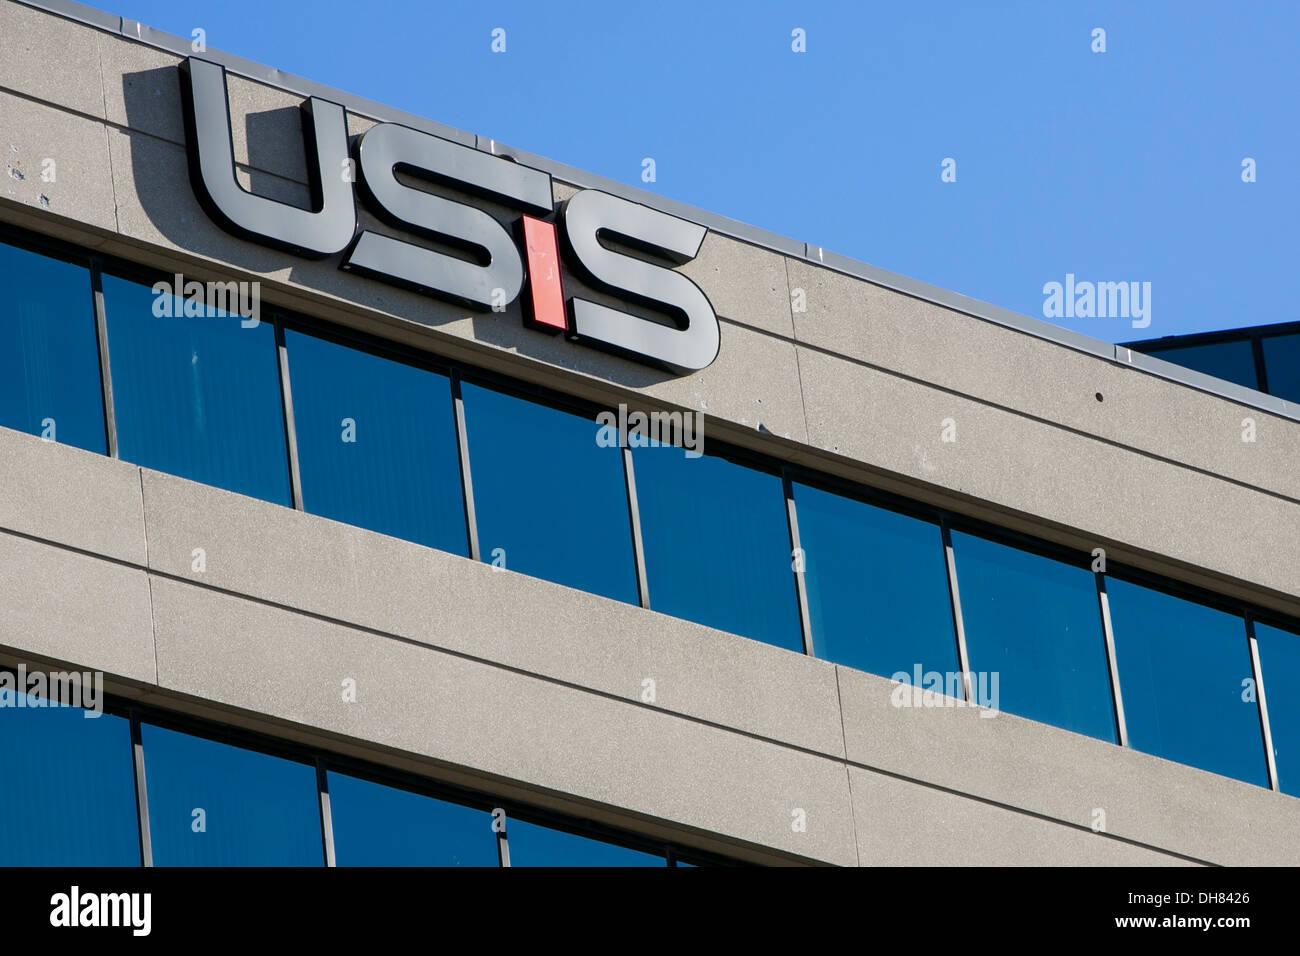 Der Hauptsitz des USIS prüft eine private Firma, die Security Clearance Hintergrund bietet für die US-Regierung. Stockbild